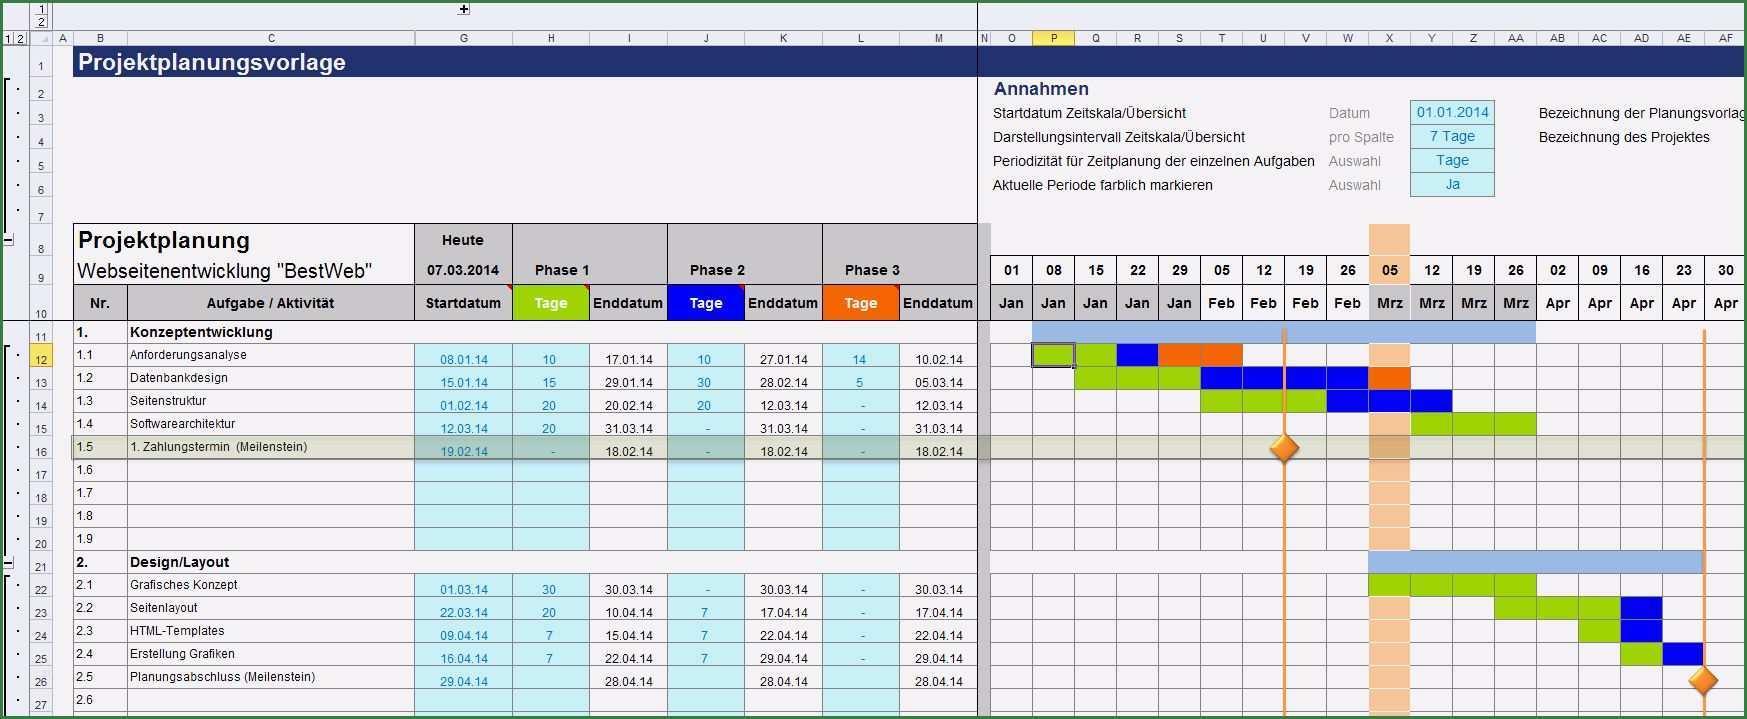 Grossartig Plantafel Excel Vorlage 2020 Excel Vorlage Vorlagen Lebenslauf Vorlagen